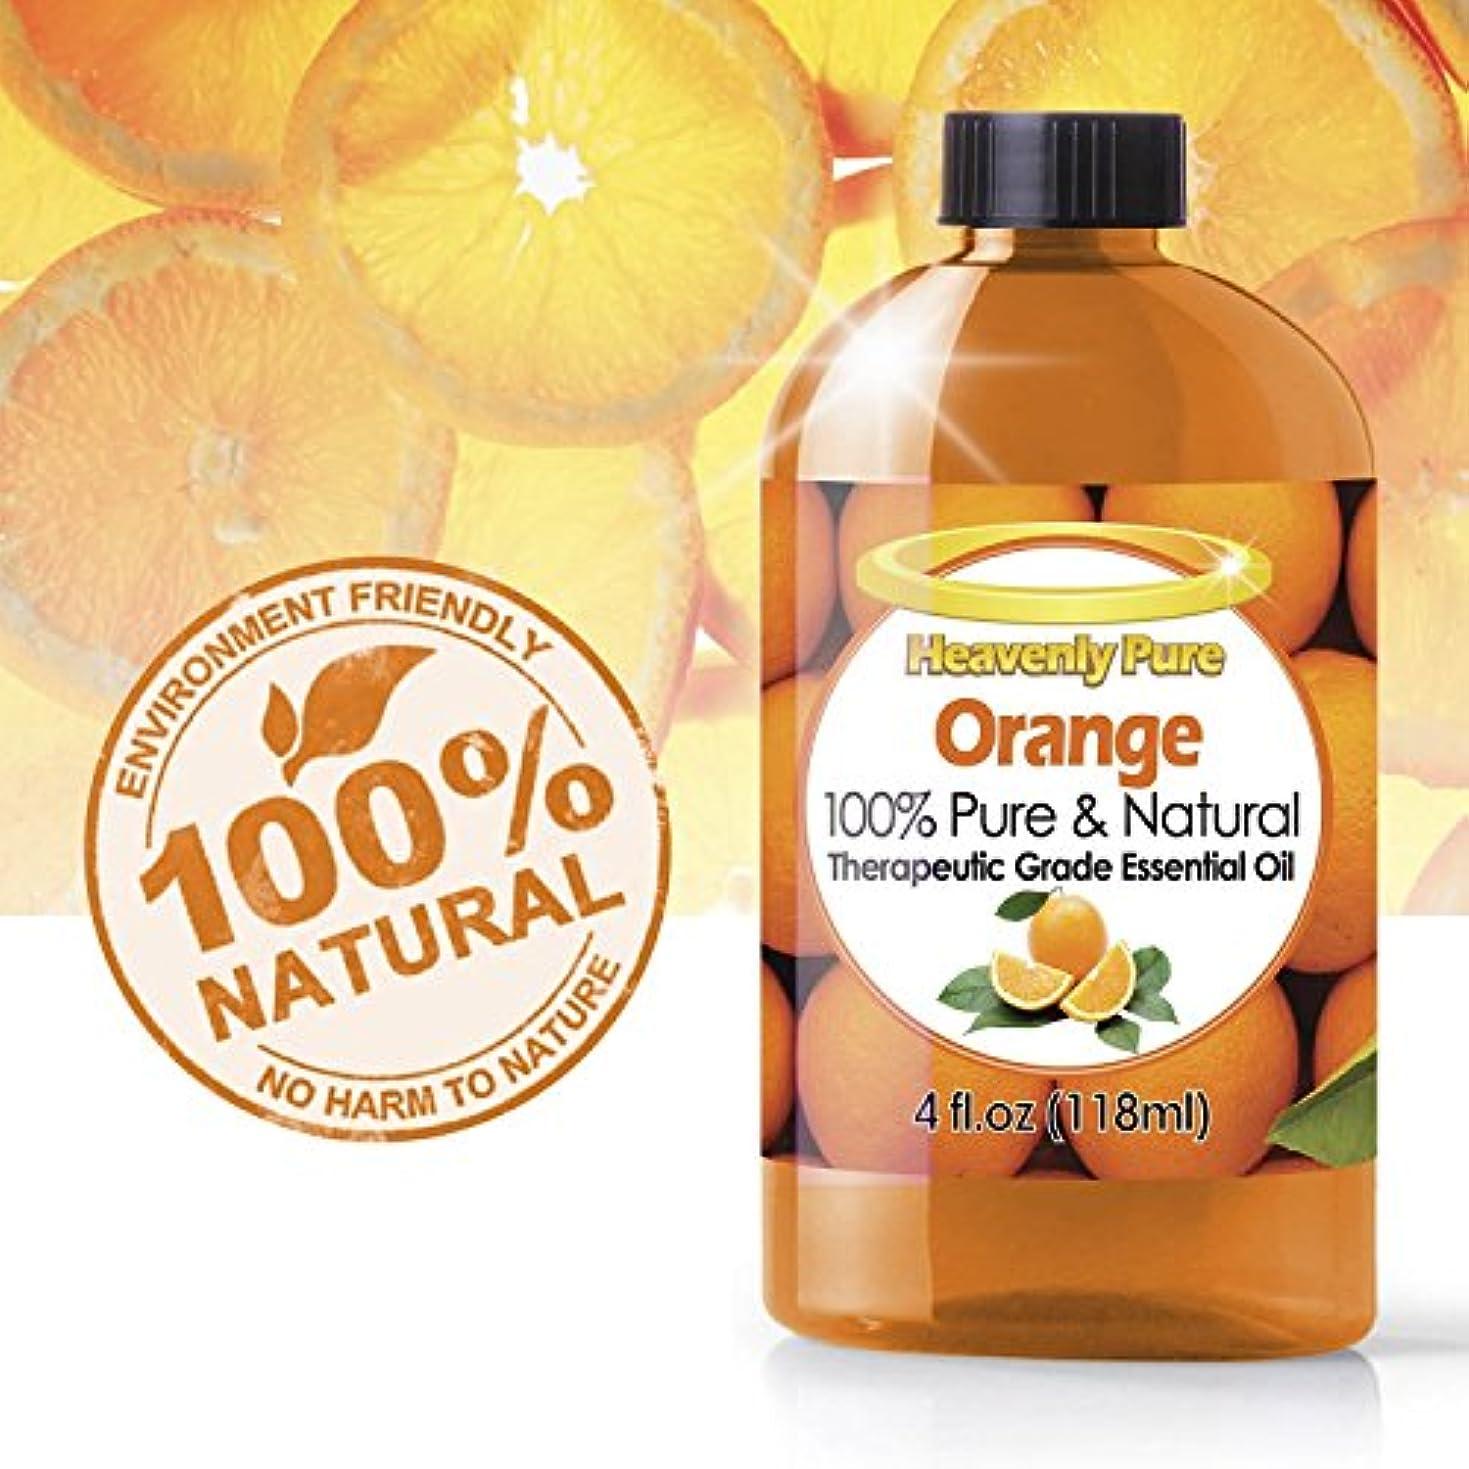 破産日付付きスカルクオレンジエッセンシャルオイル(HUGE 4 OZ)アイドロップ剤 - 100%ピュア&ナチュラルスイートシトラスアロマ - 治療グレード - オレンジオイルはアロマセラピー、イミュニティ、天然抗菌、および洗浄に最適です